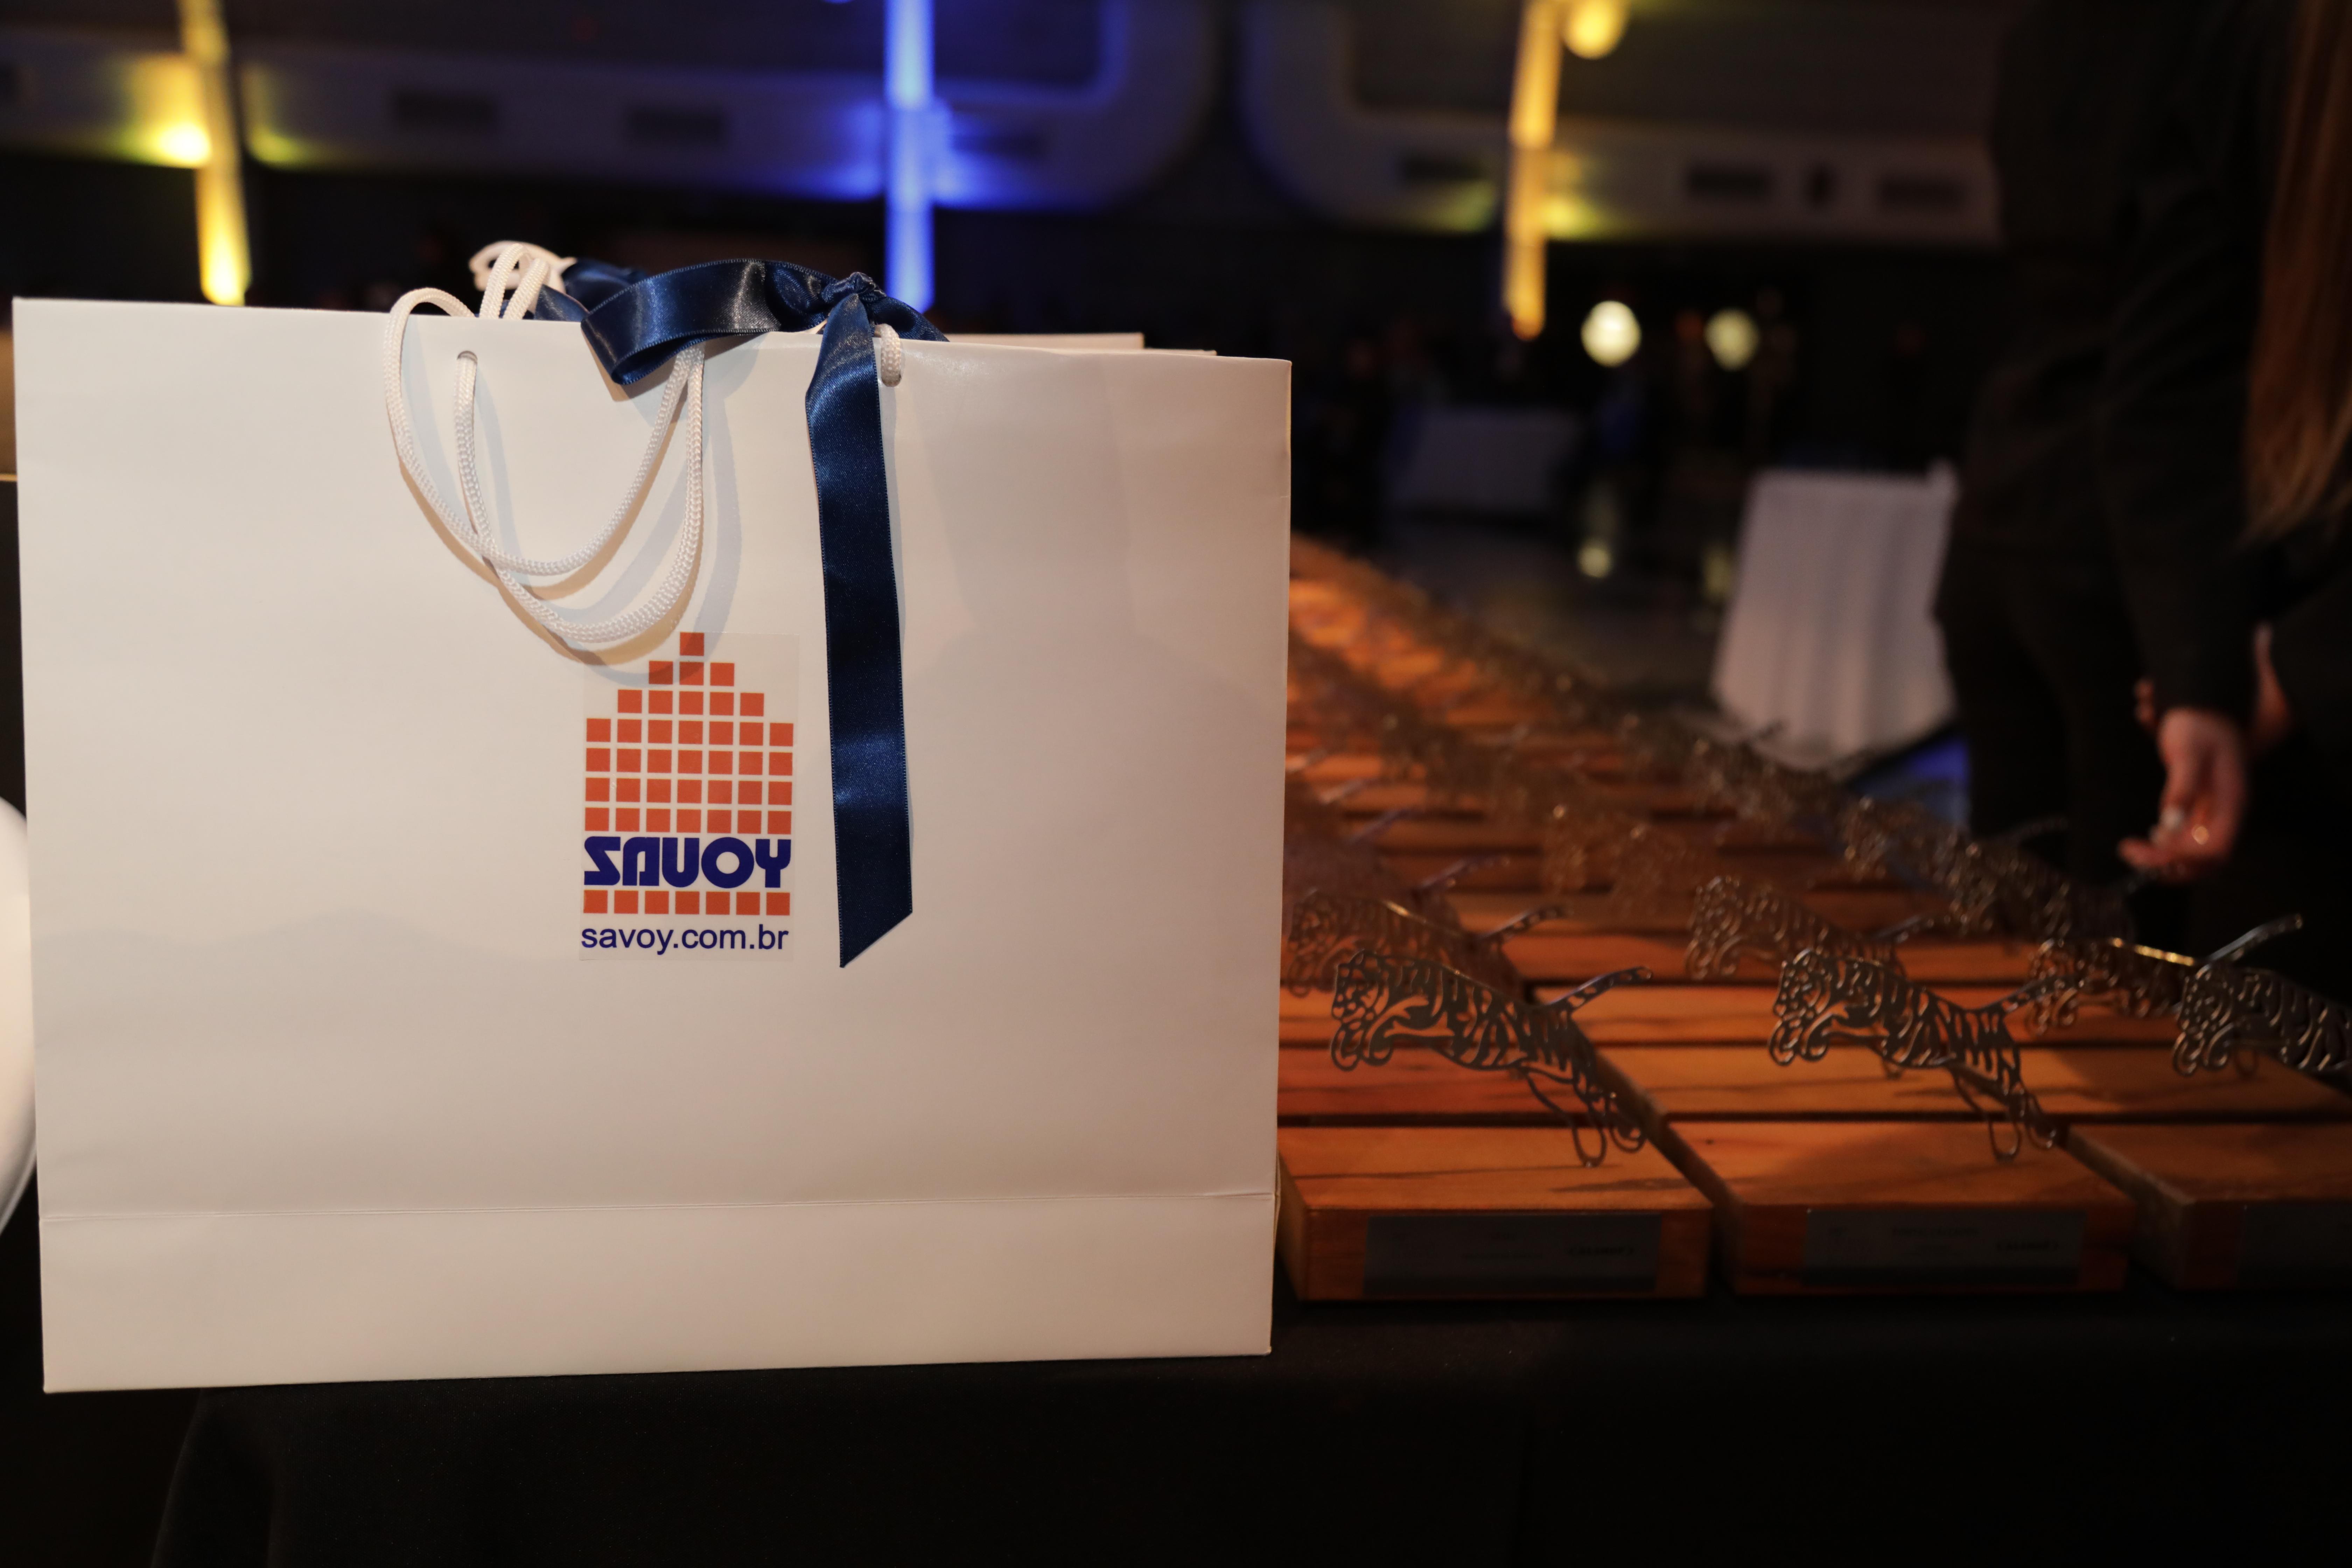 Prêmio Lojista Alshop 2018